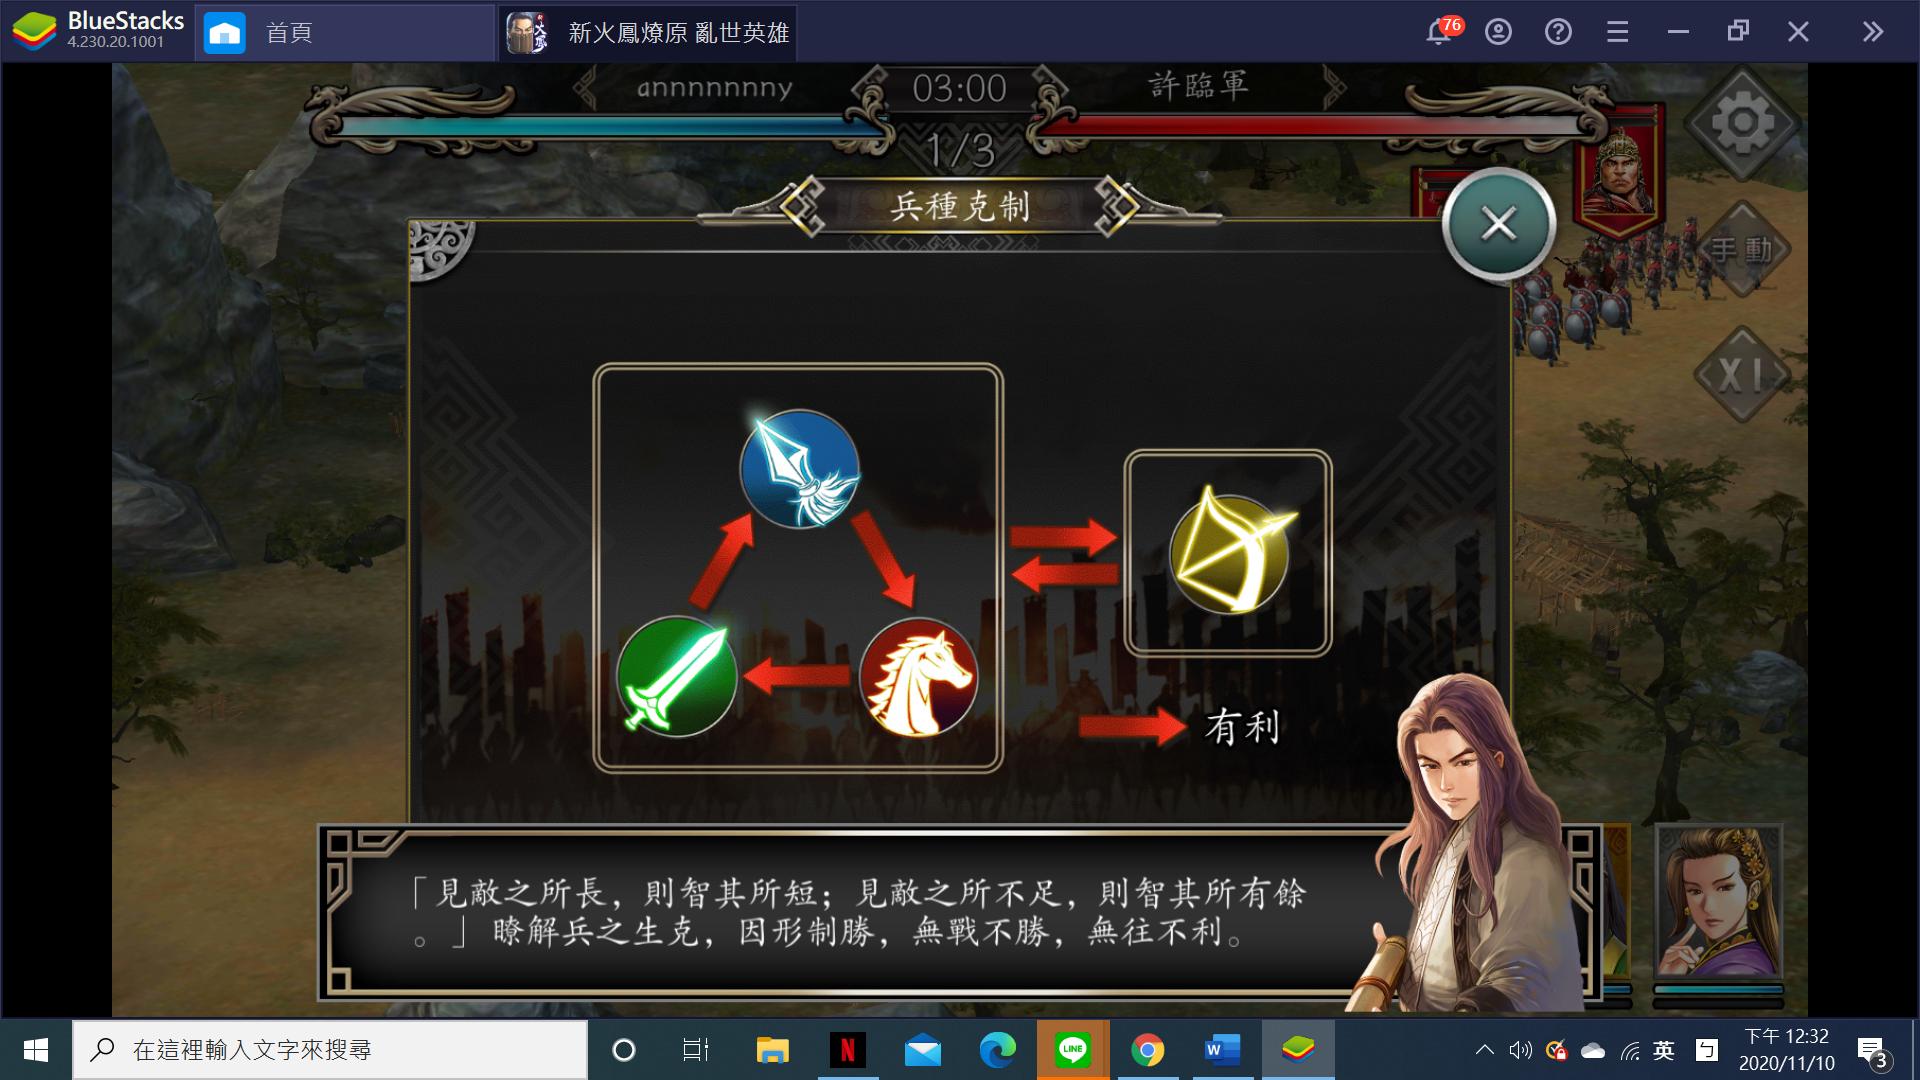 使用BlueStacks在PC上遊玩SLG遊戲《新火鳳燎原 亂世英雄》